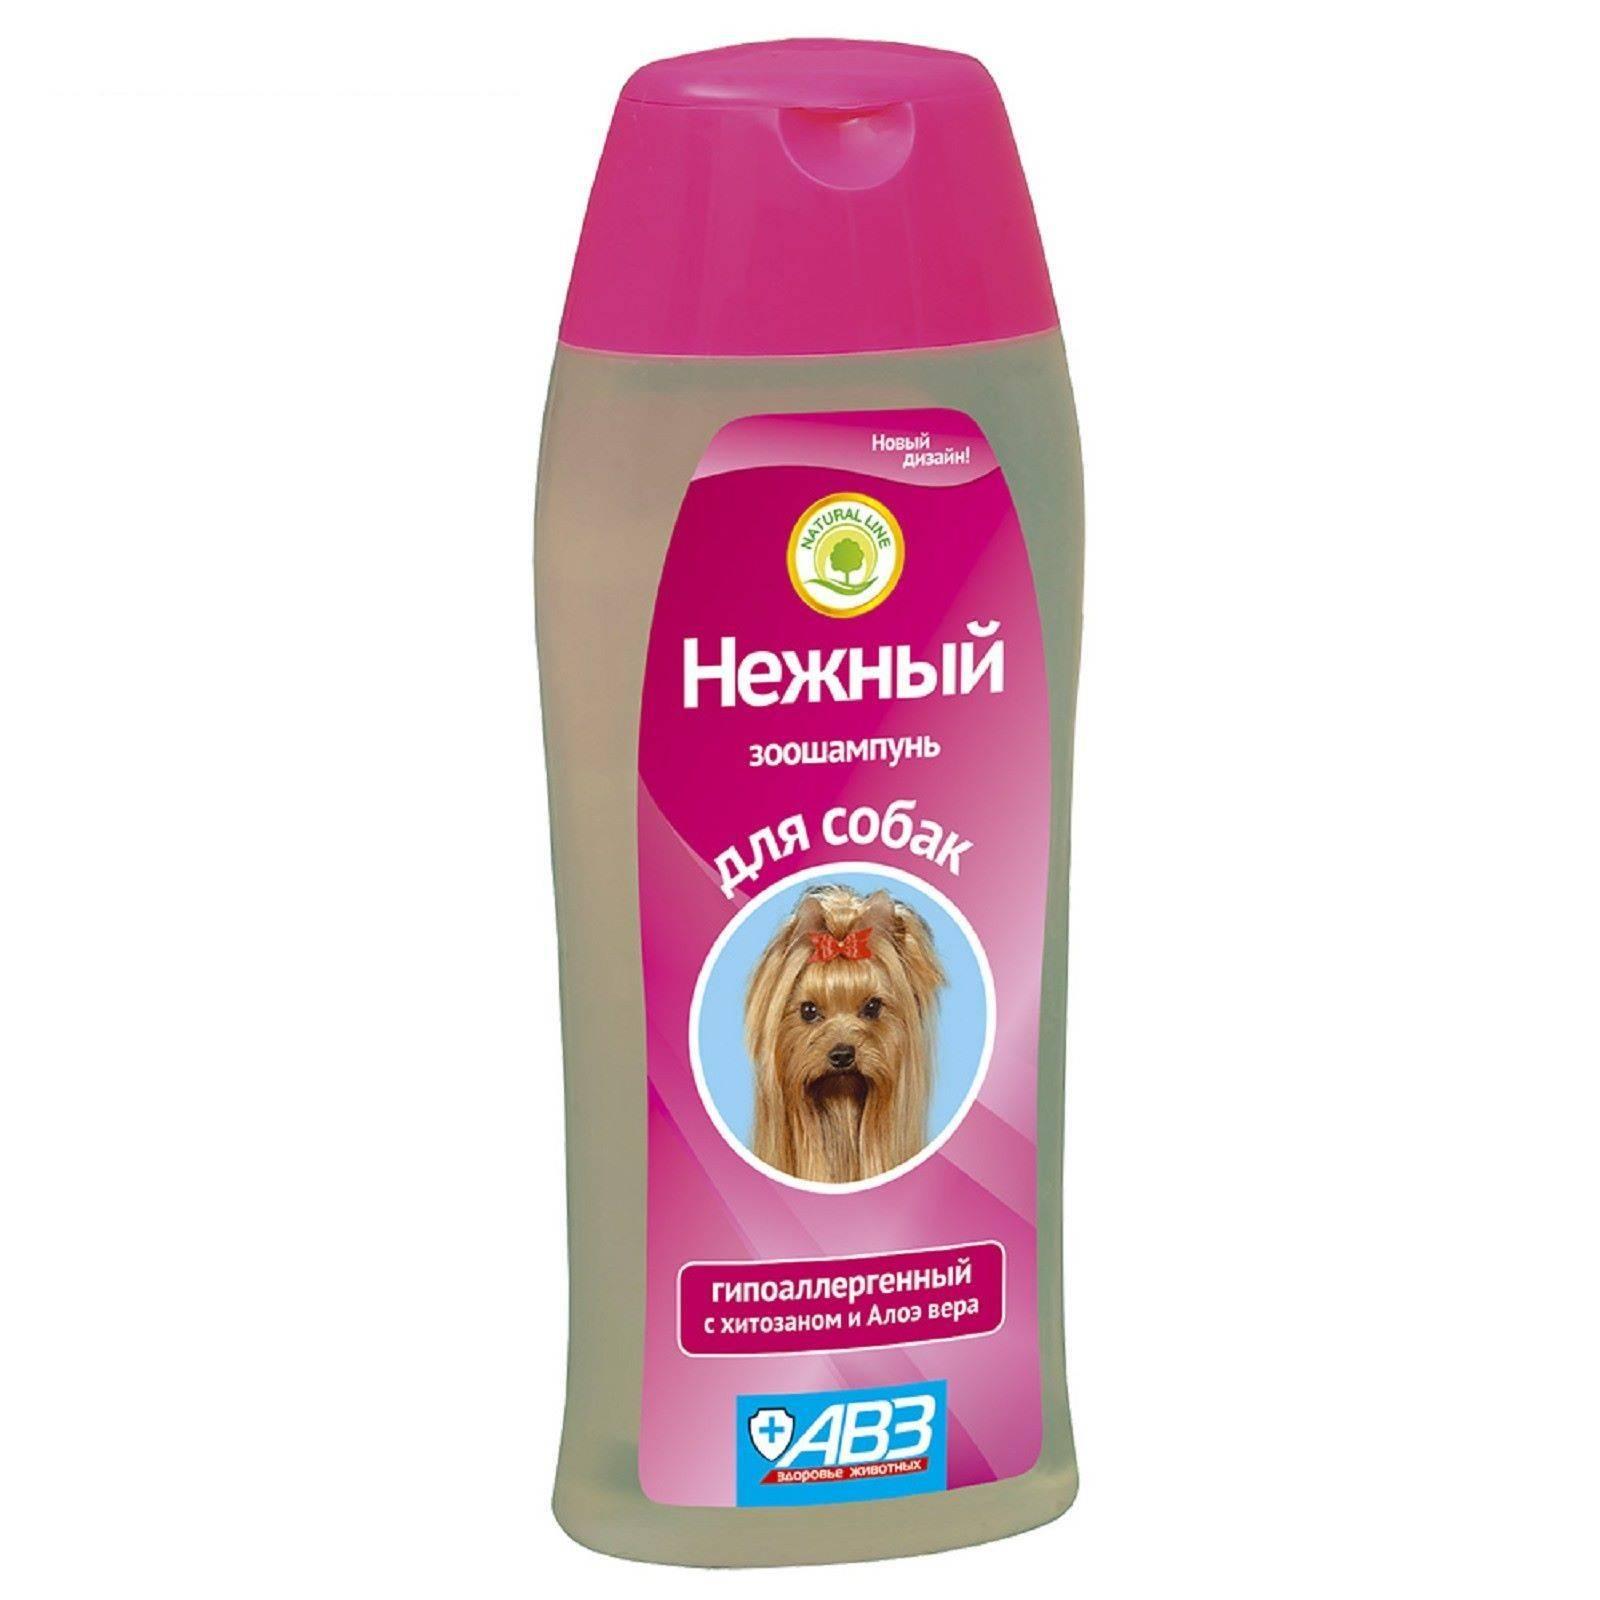 Гипоаллергенные корма для собак - обзор лучших производителей 2020   petguru